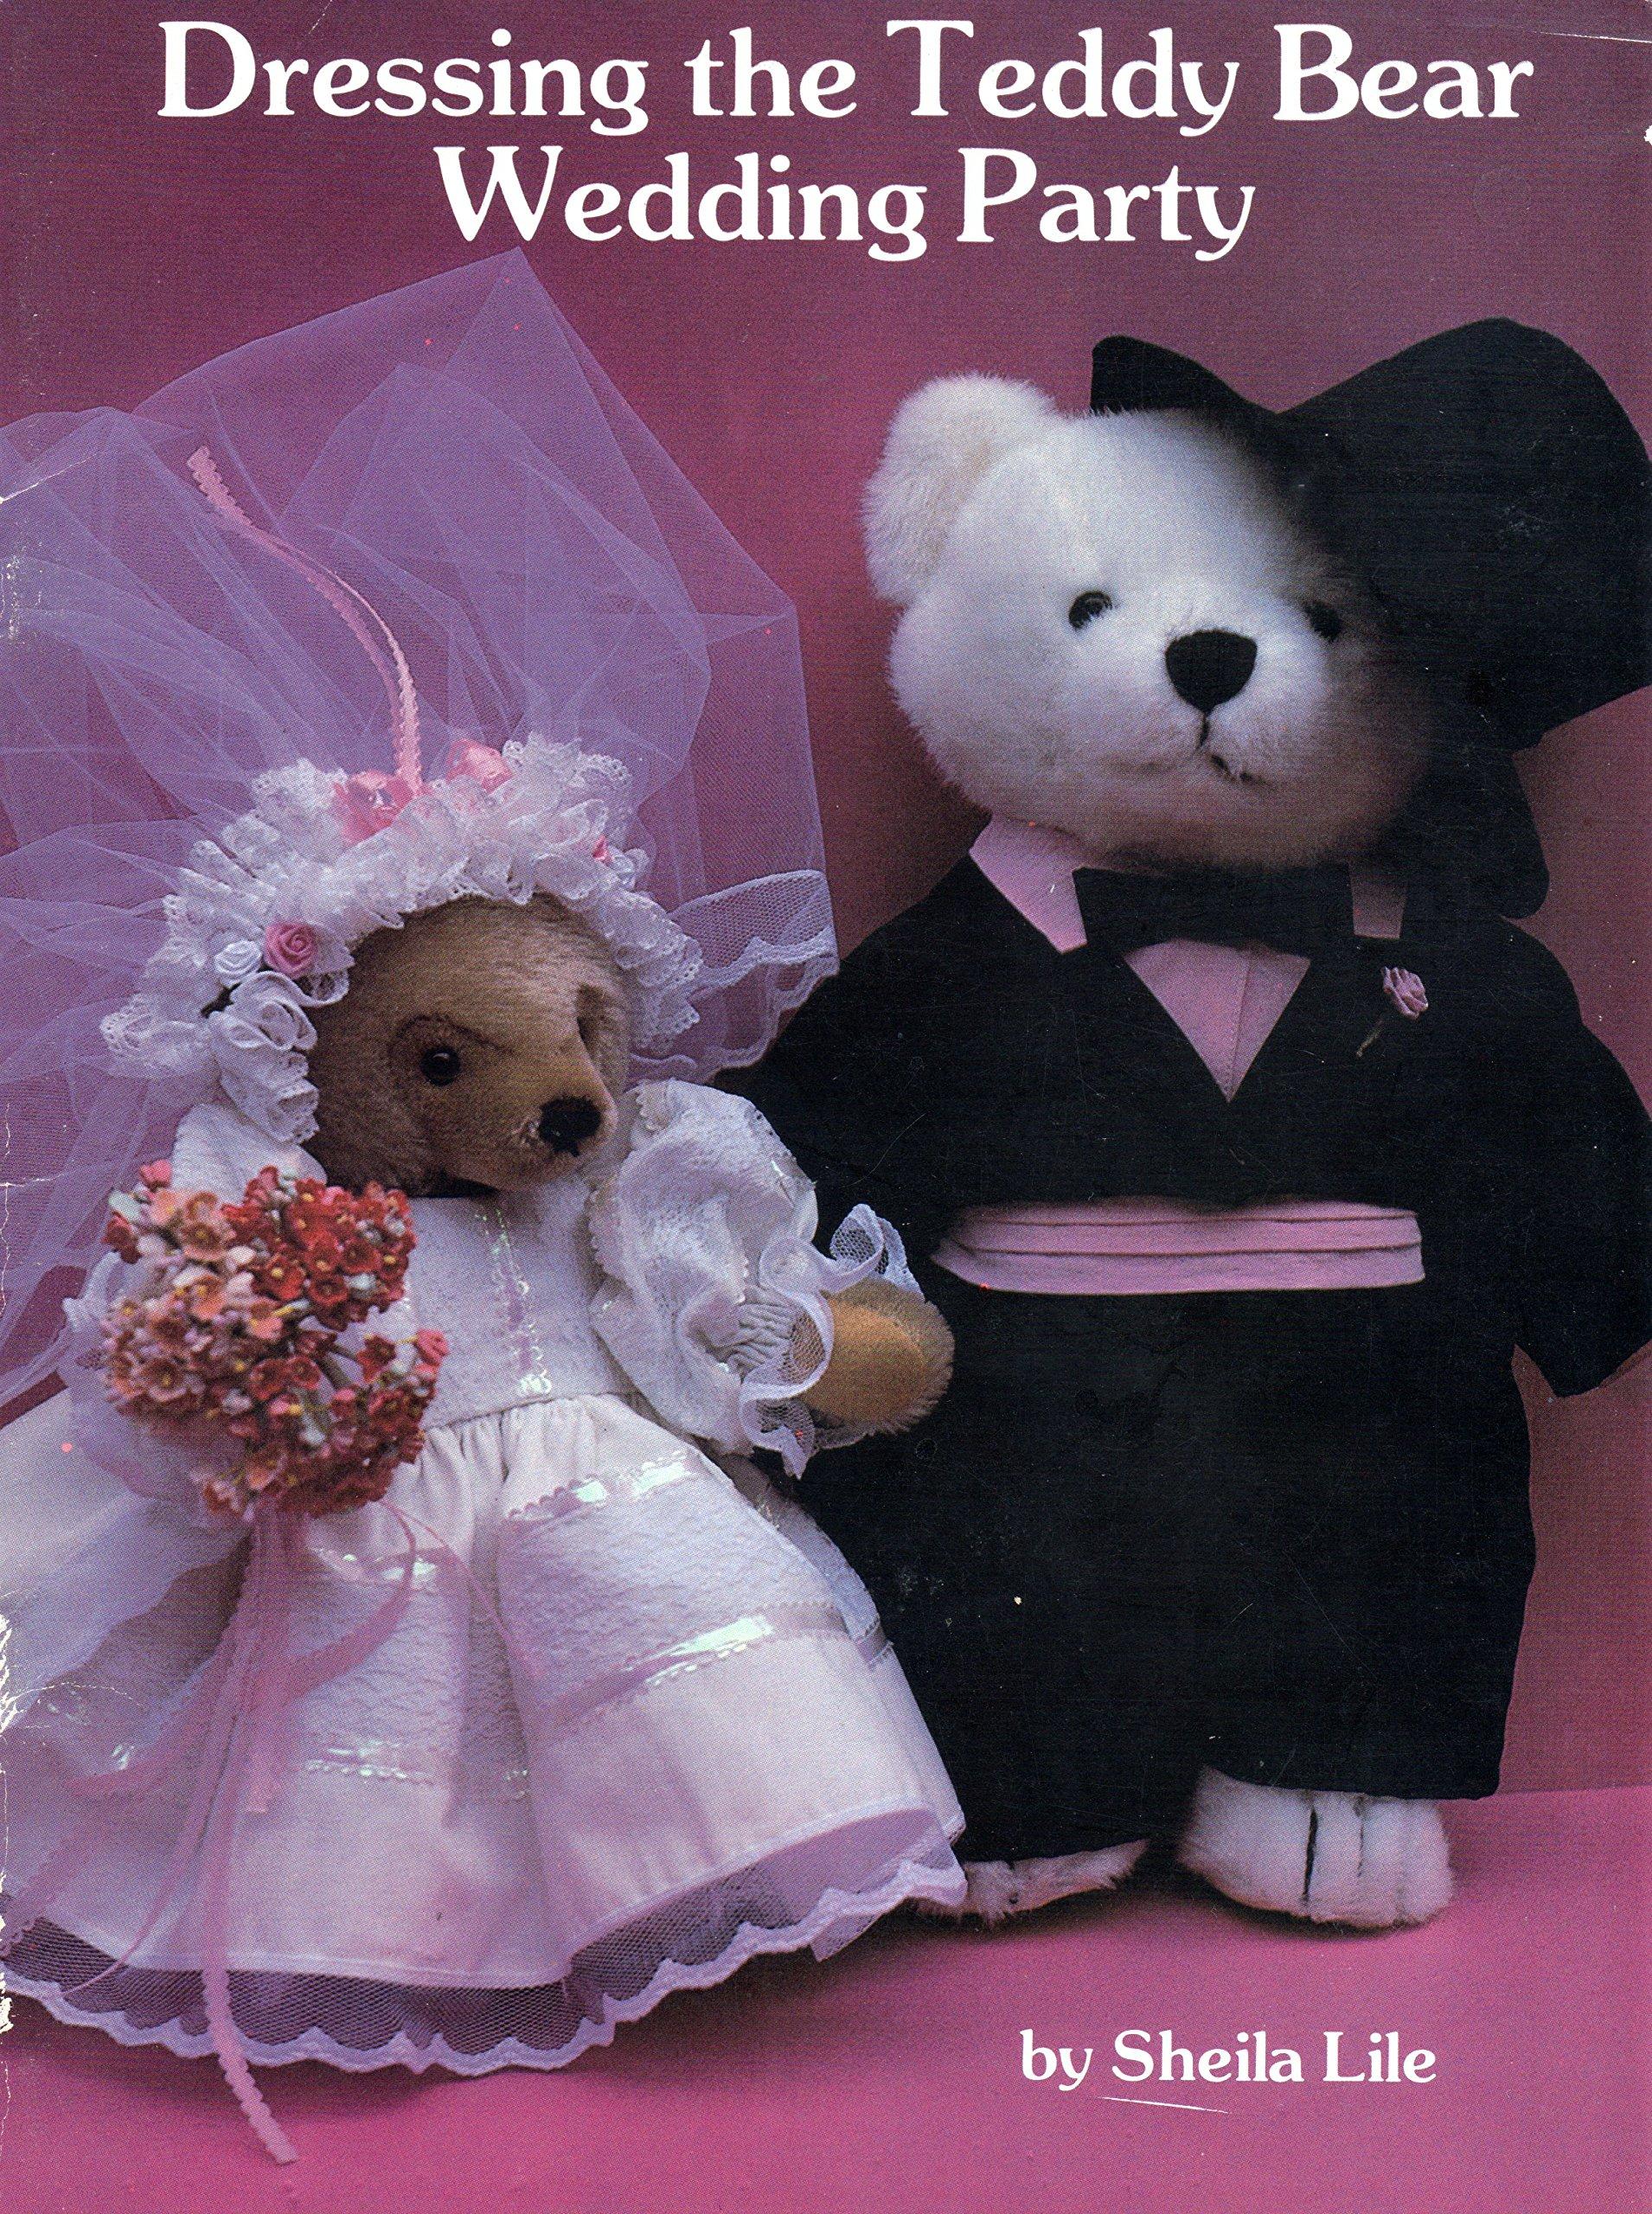 dressing-the-teddy-bear-wedding-party